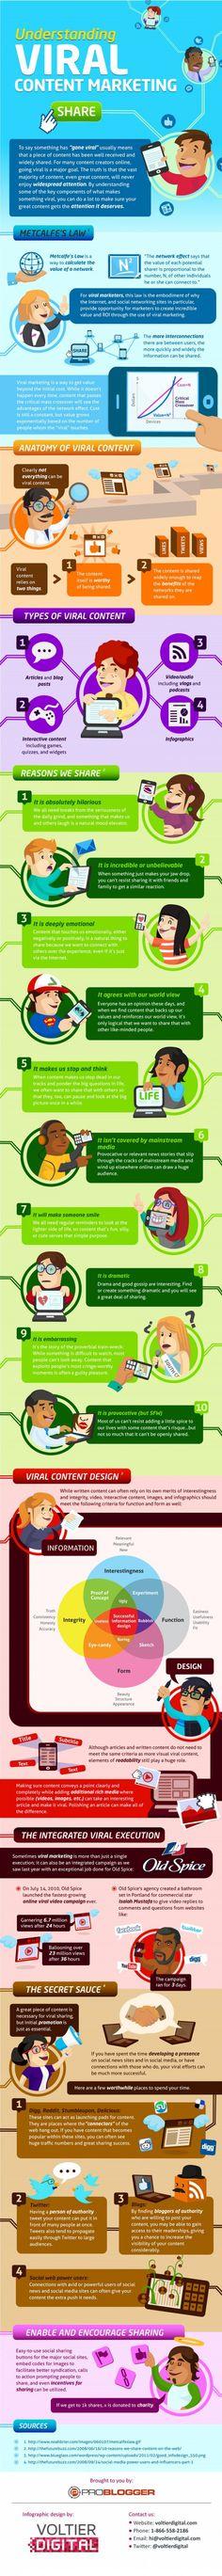 Entendiendo la viralidad del Marketing de Contenidos #infografia (repinned by @ricardollera)